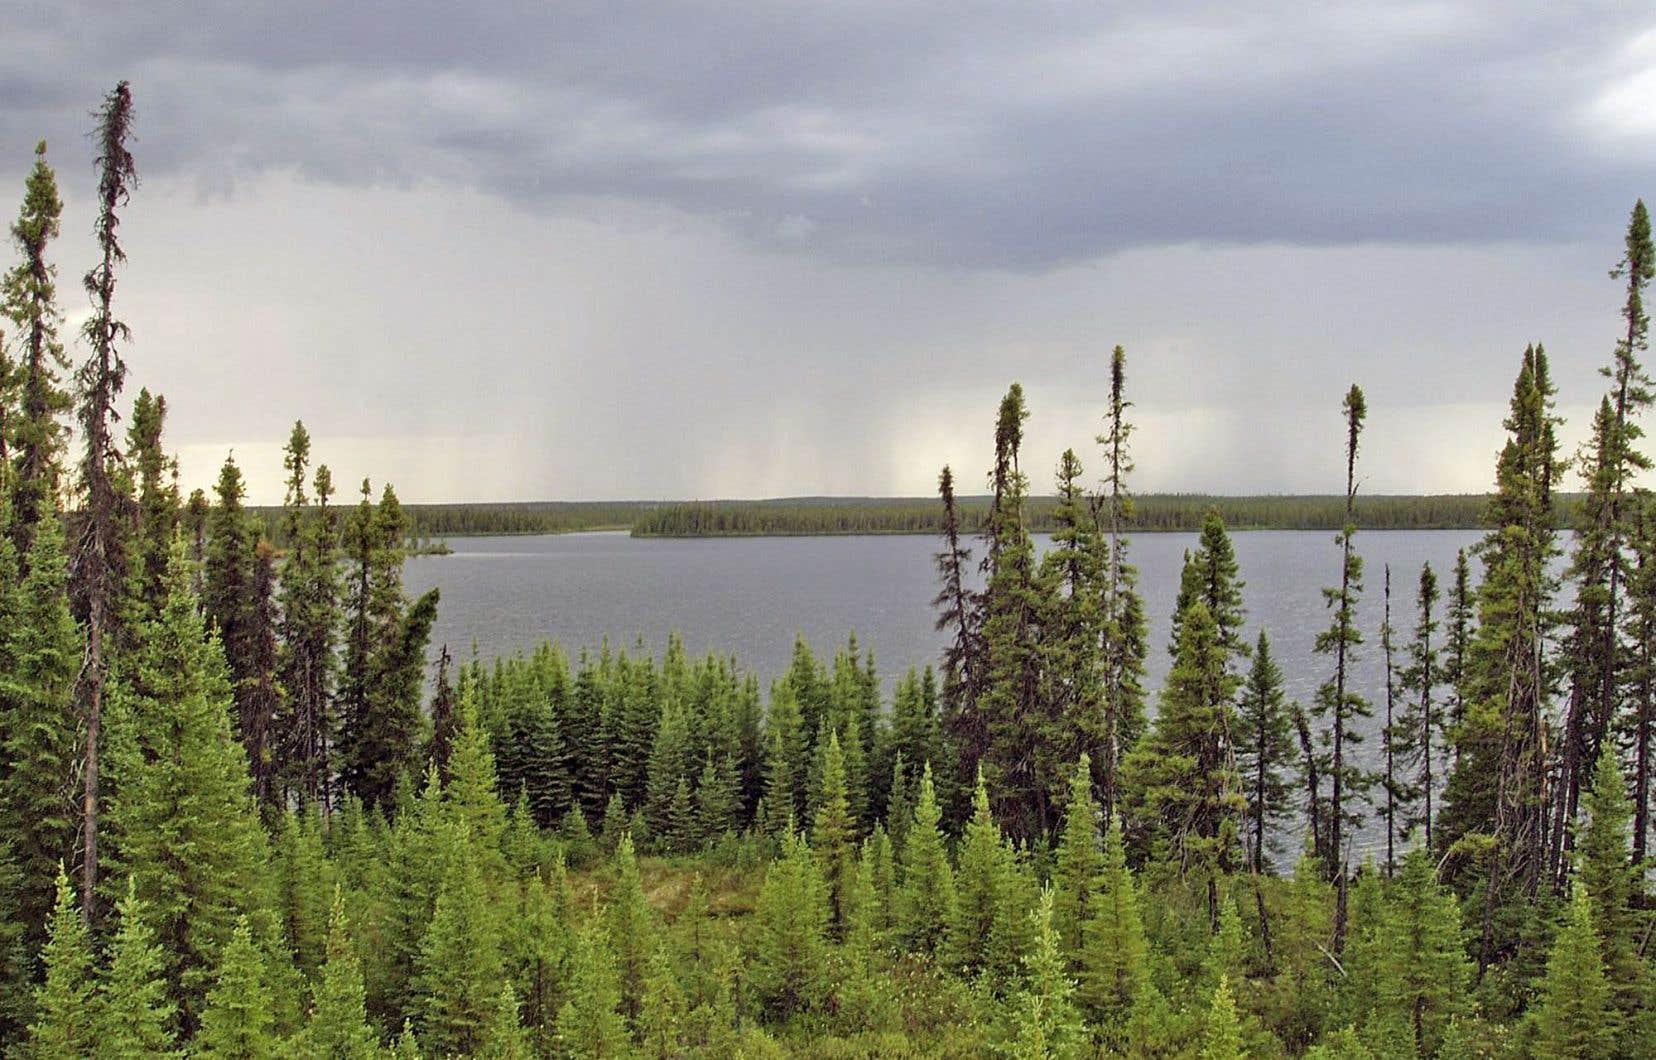 Bon nombre des outils de recherche et des connaissances sur les incendies de forêt au Canada datent de plusieurs décennies déjà, ce qui rend le comportement du feu dans les denses forêts boréales du pays plus difficile à prévoir de nos jours.